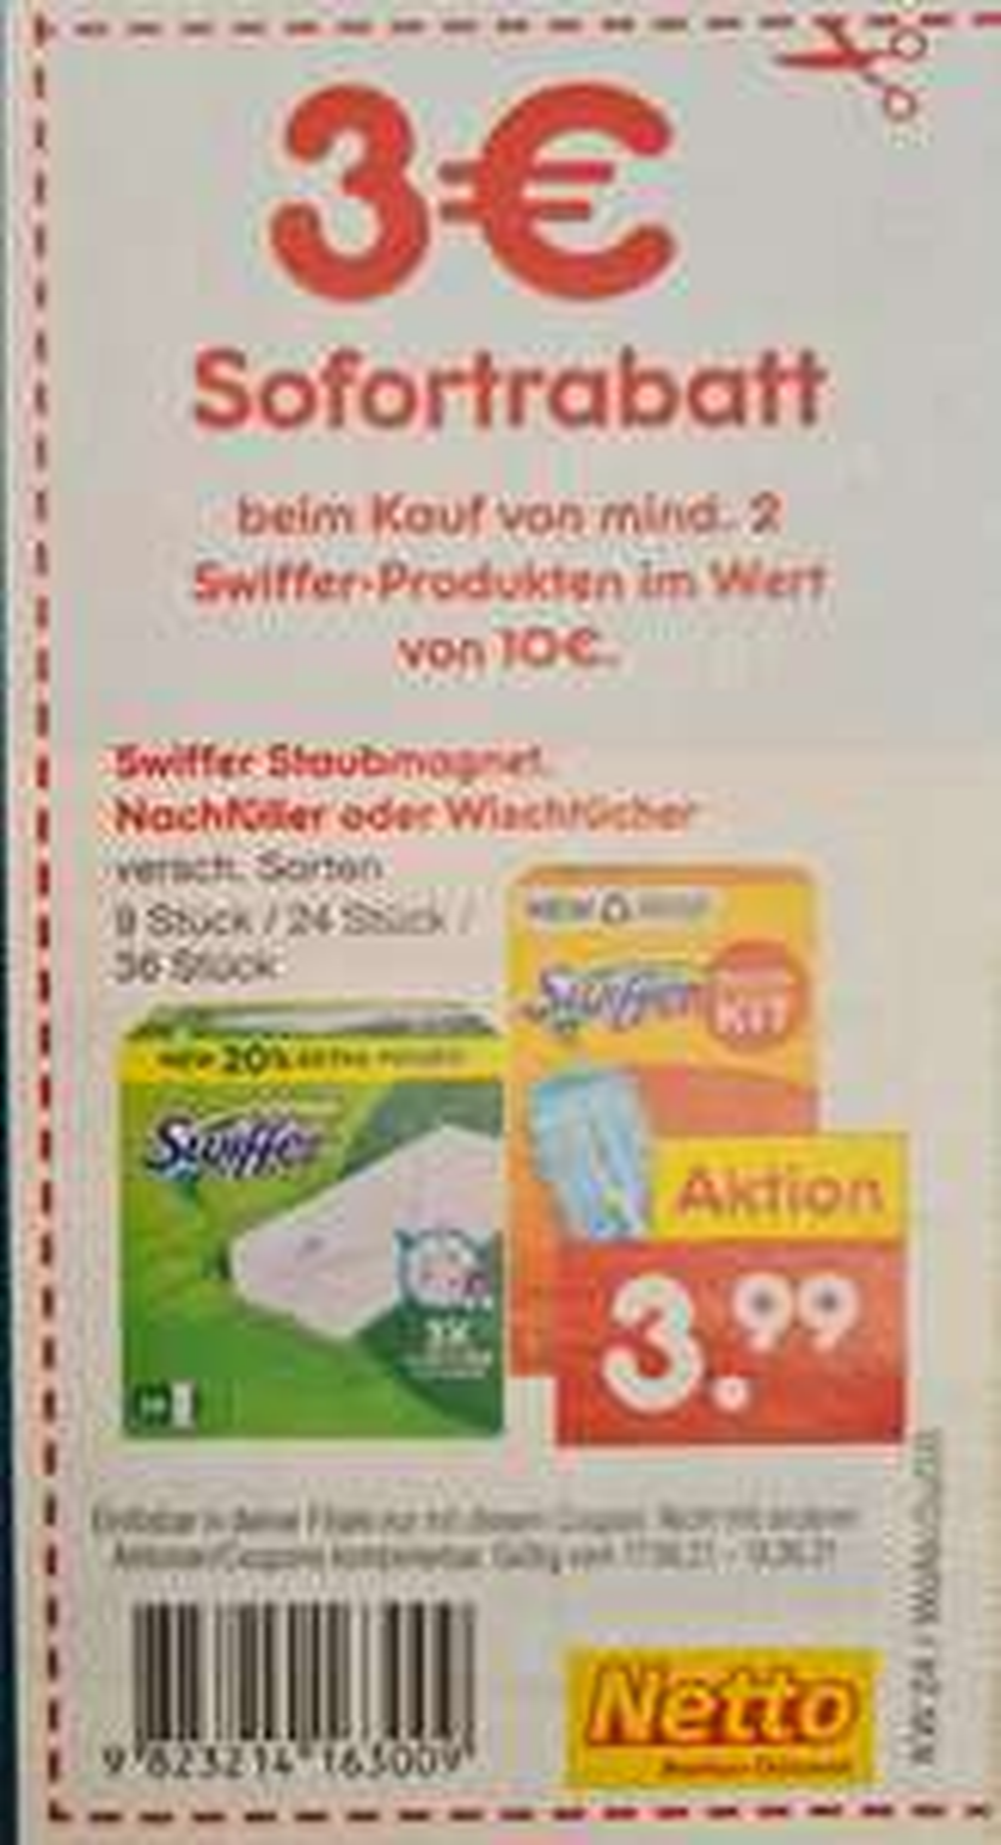 3 Euro Sofortrabatt beim Kauf von mindestens 2 Swiffer Produkte im Wert von 10 Euro ab 17.06 Netto MD